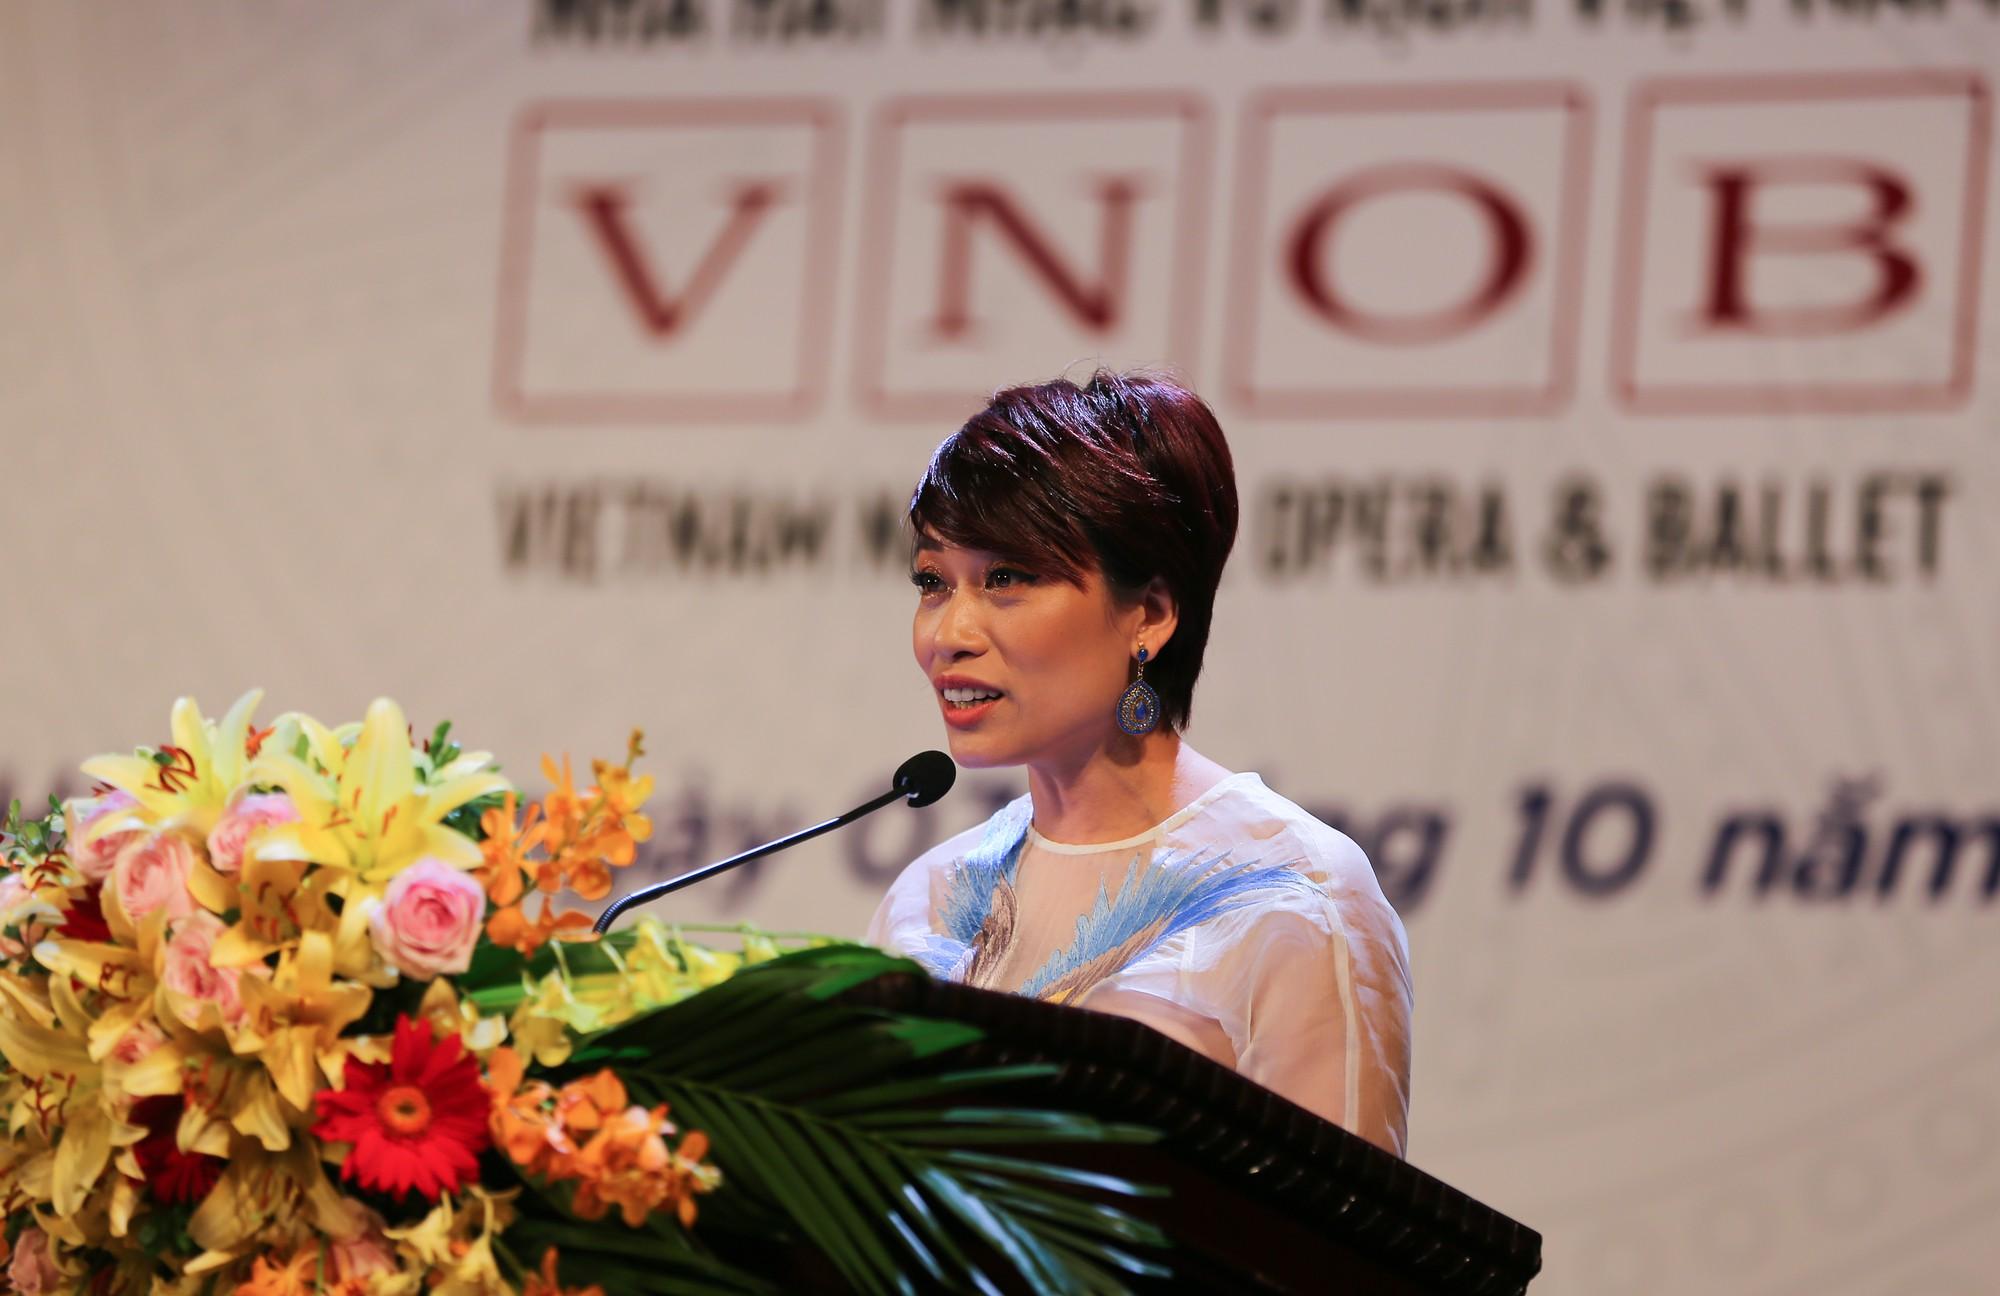 Nhà hát Nhạc Vũ Kịch Việt Nam đã tổ chức Lễ kỷ niệm 60 năm thành lập và đón nhận Huân chương Lao động hạng Nhì